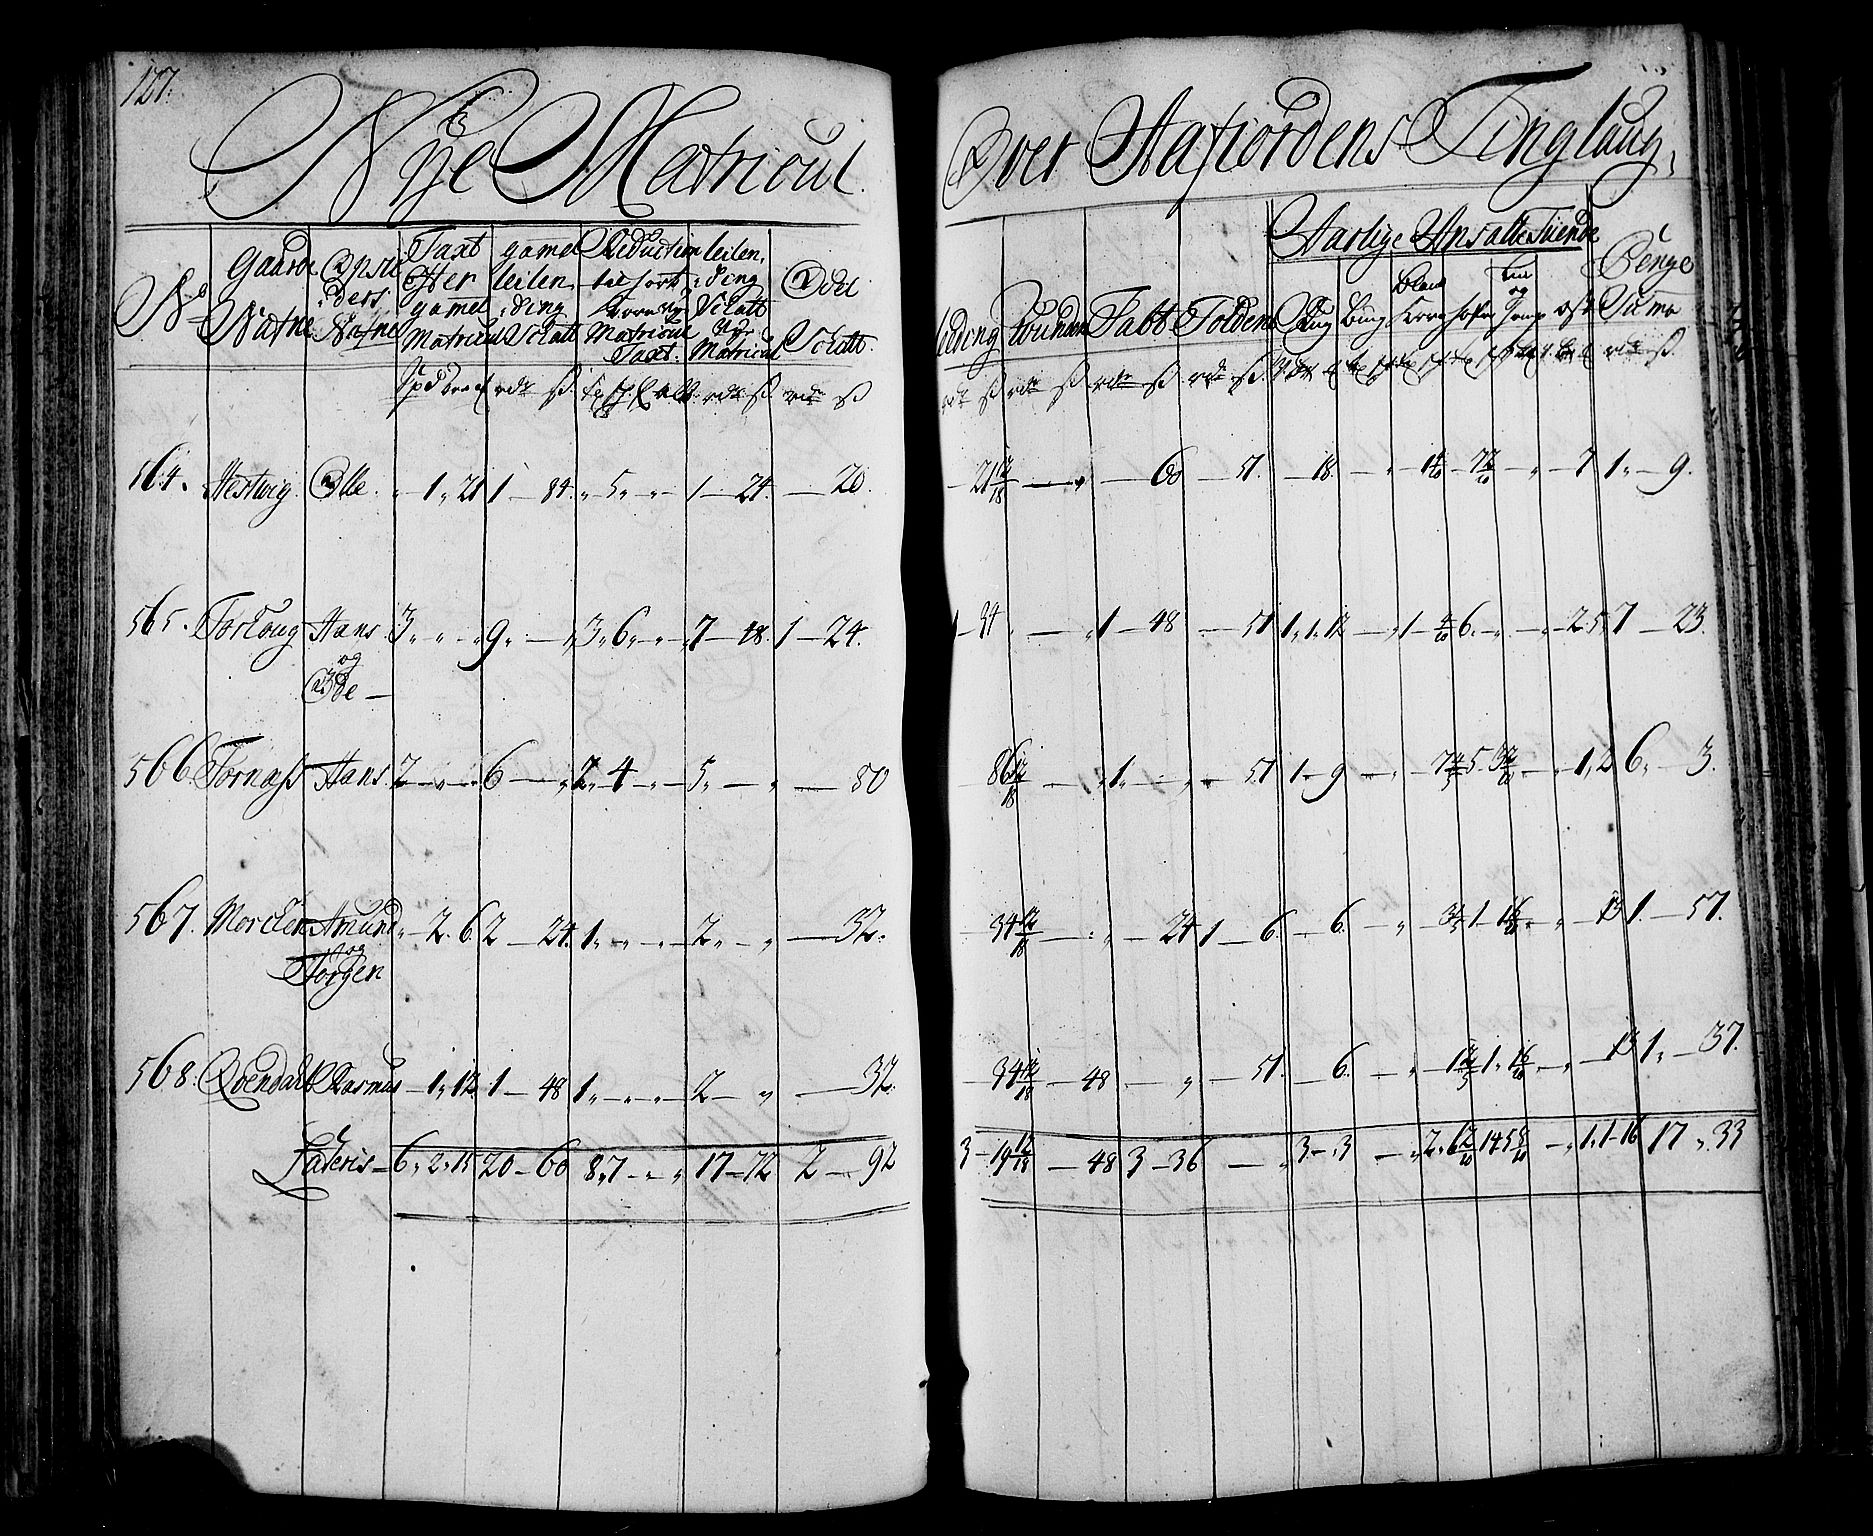 RA, Rentekammeret inntil 1814, Realistisk ordnet avdeling, N/Nb/Nbf/L0163: Fosen matrikkelprotokoll, 1723, s. 127